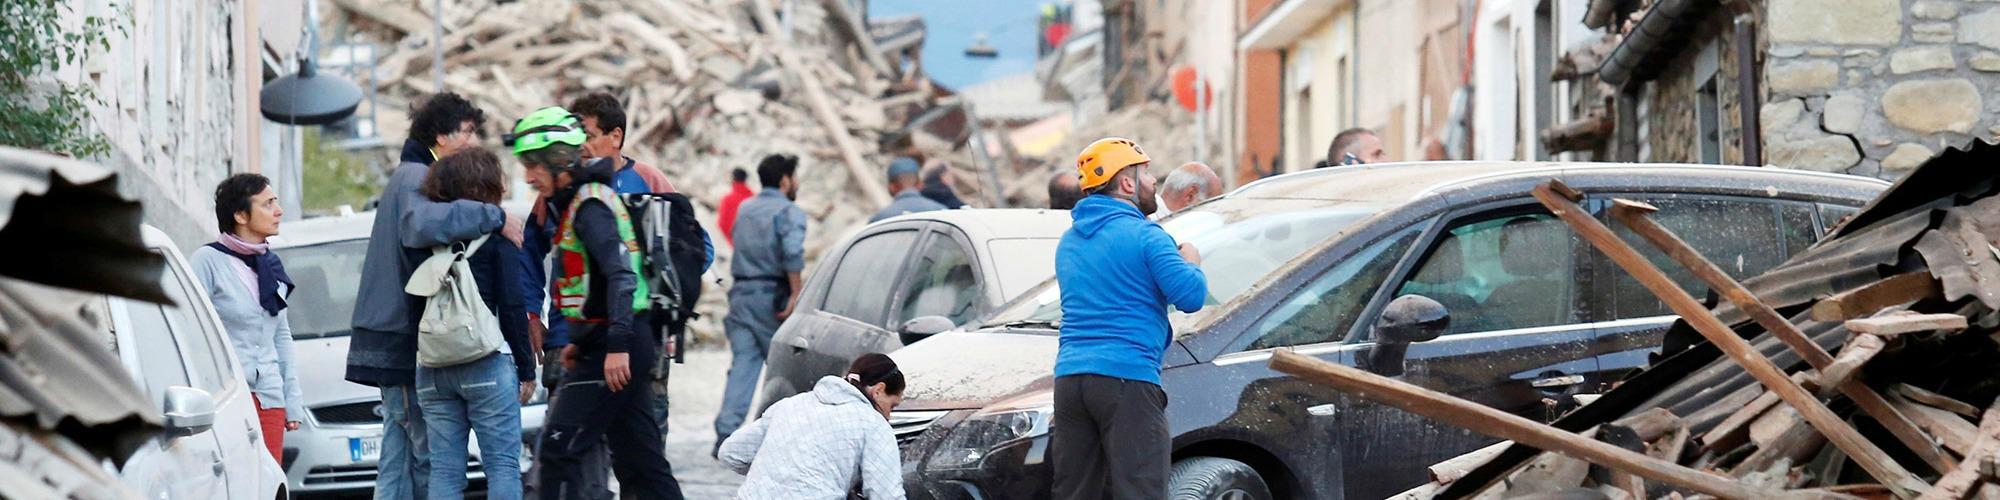 Aardbeving italie header 0